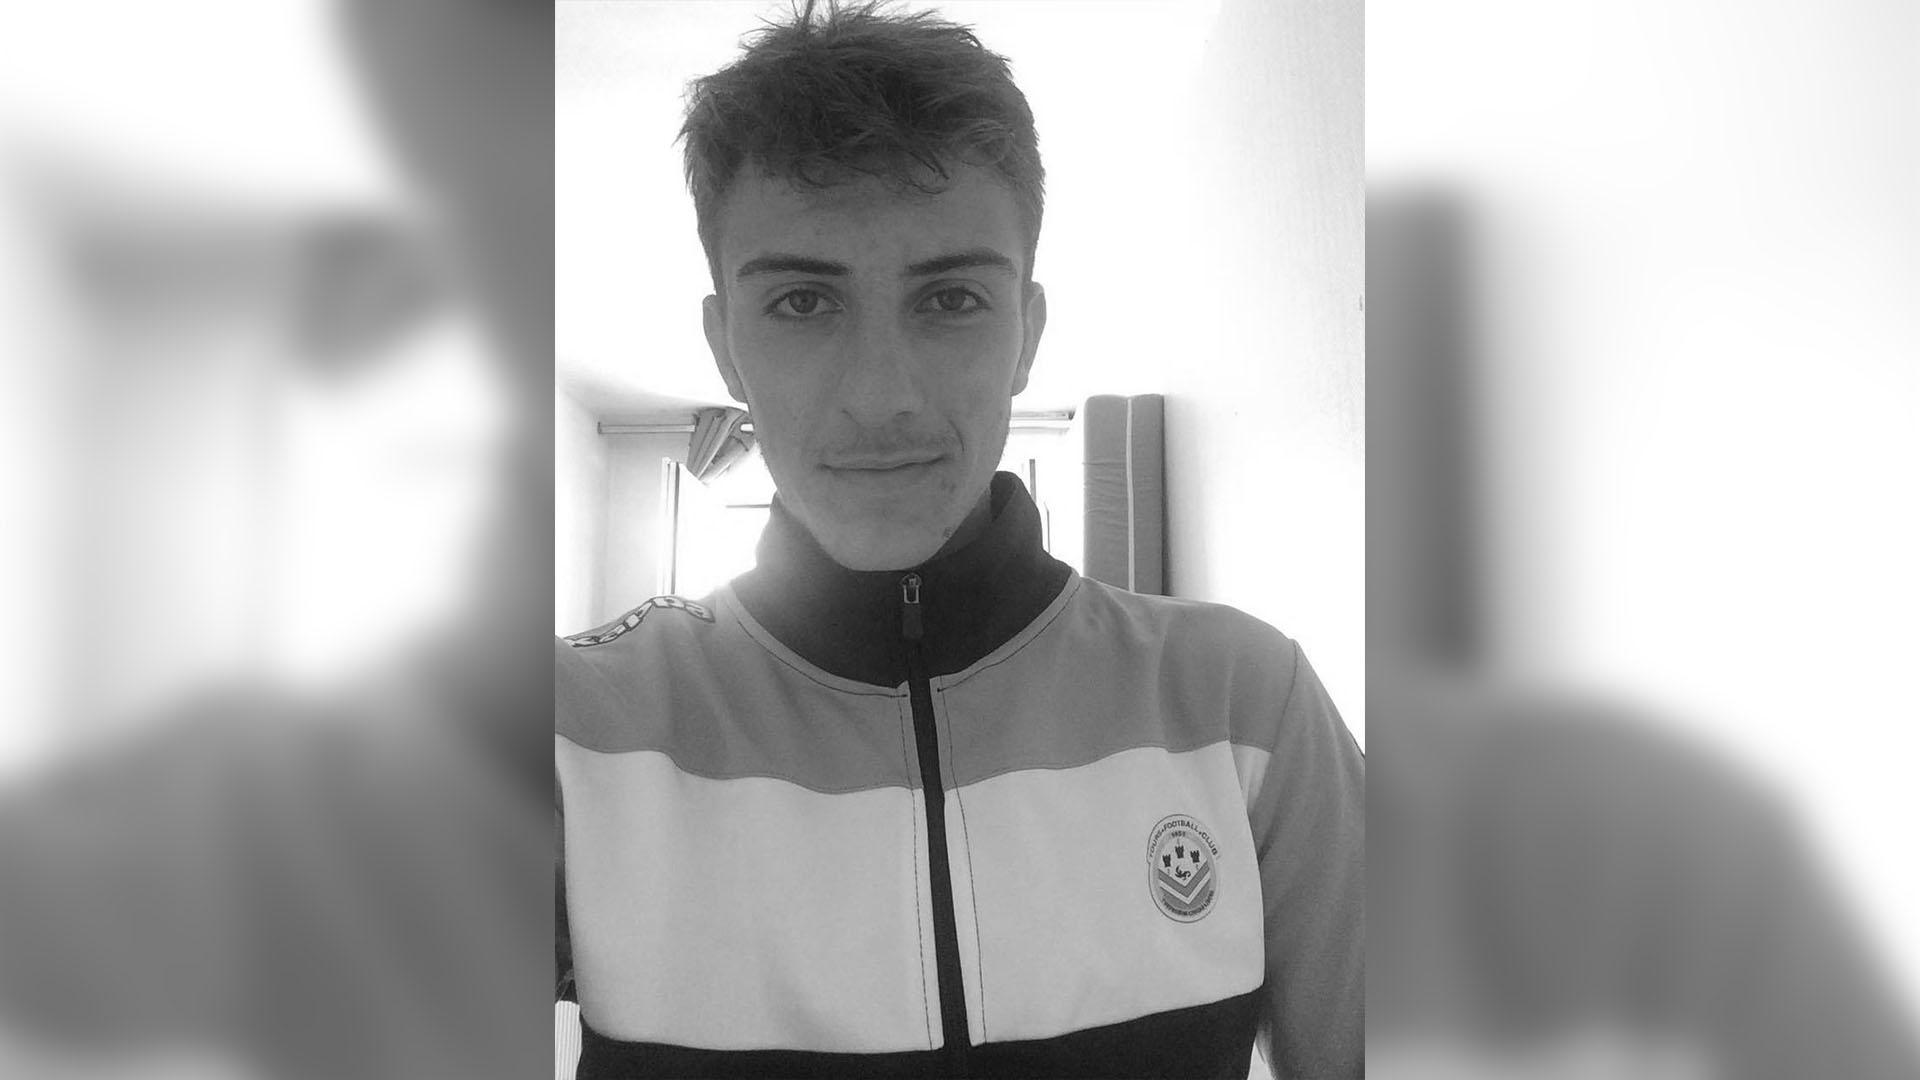 Смерть 18-летнего футболиста воФранции потрясла всех